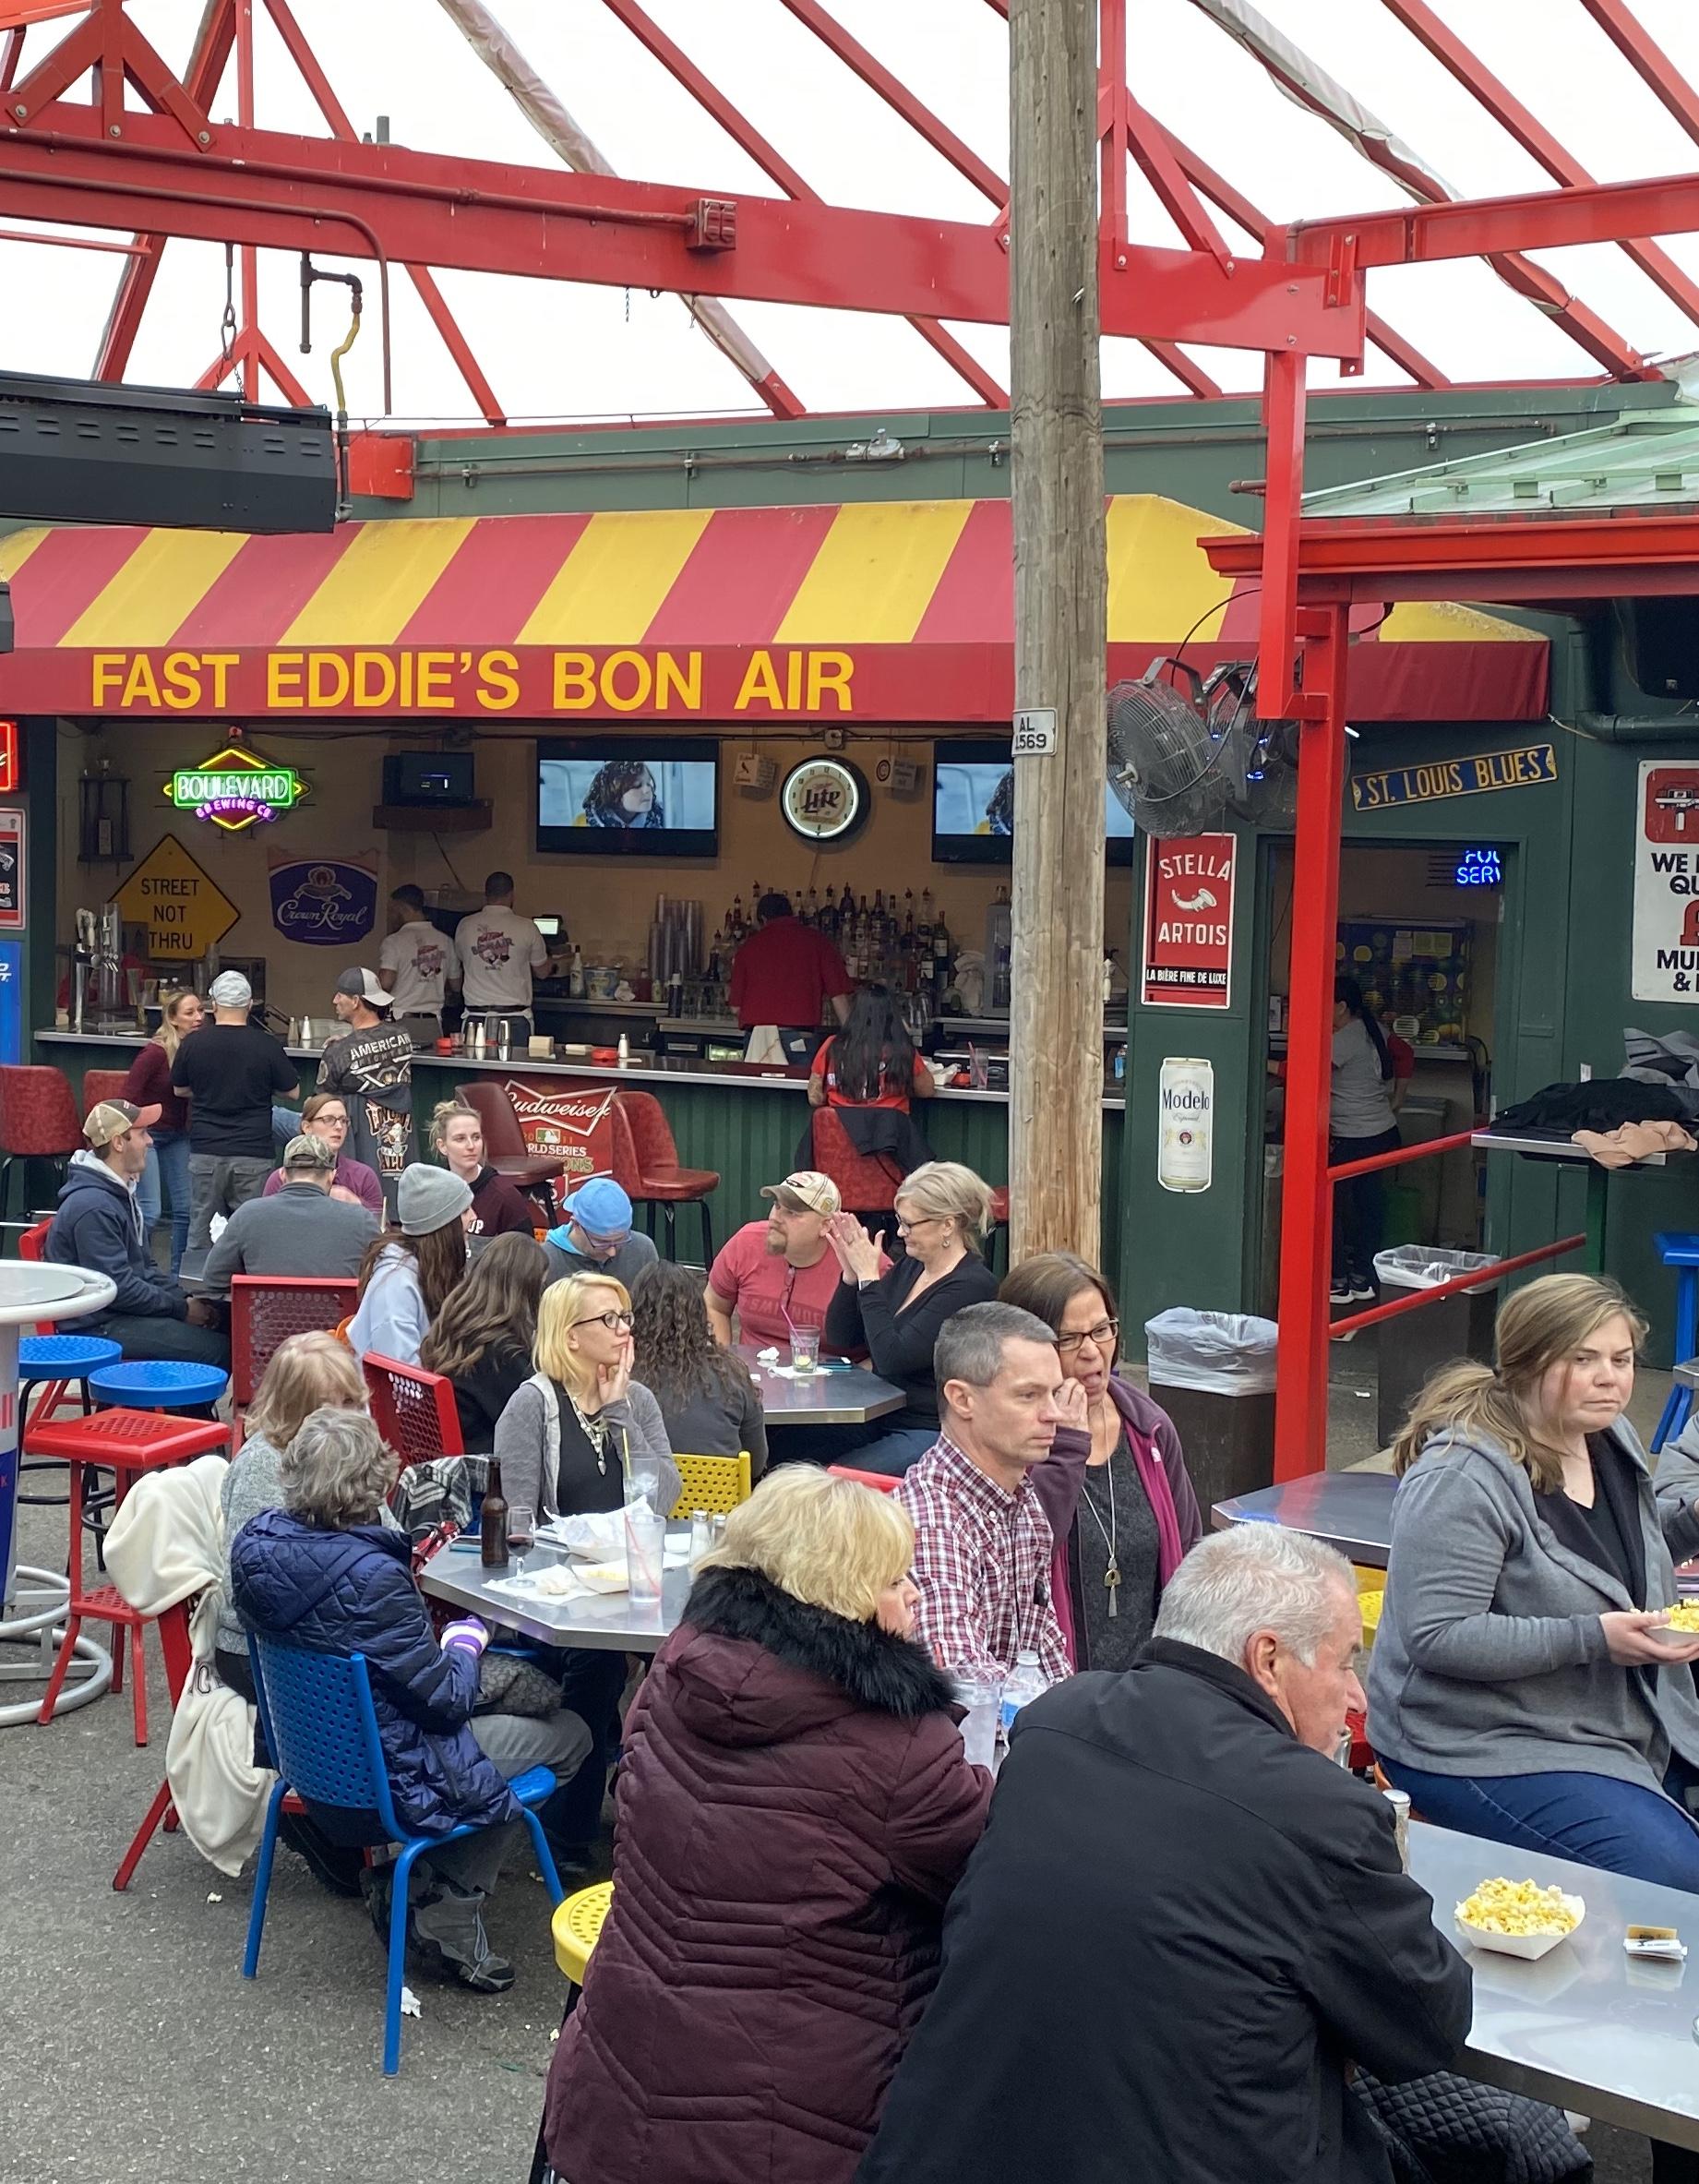 fast-eddies-bon-air-outside-back-bar